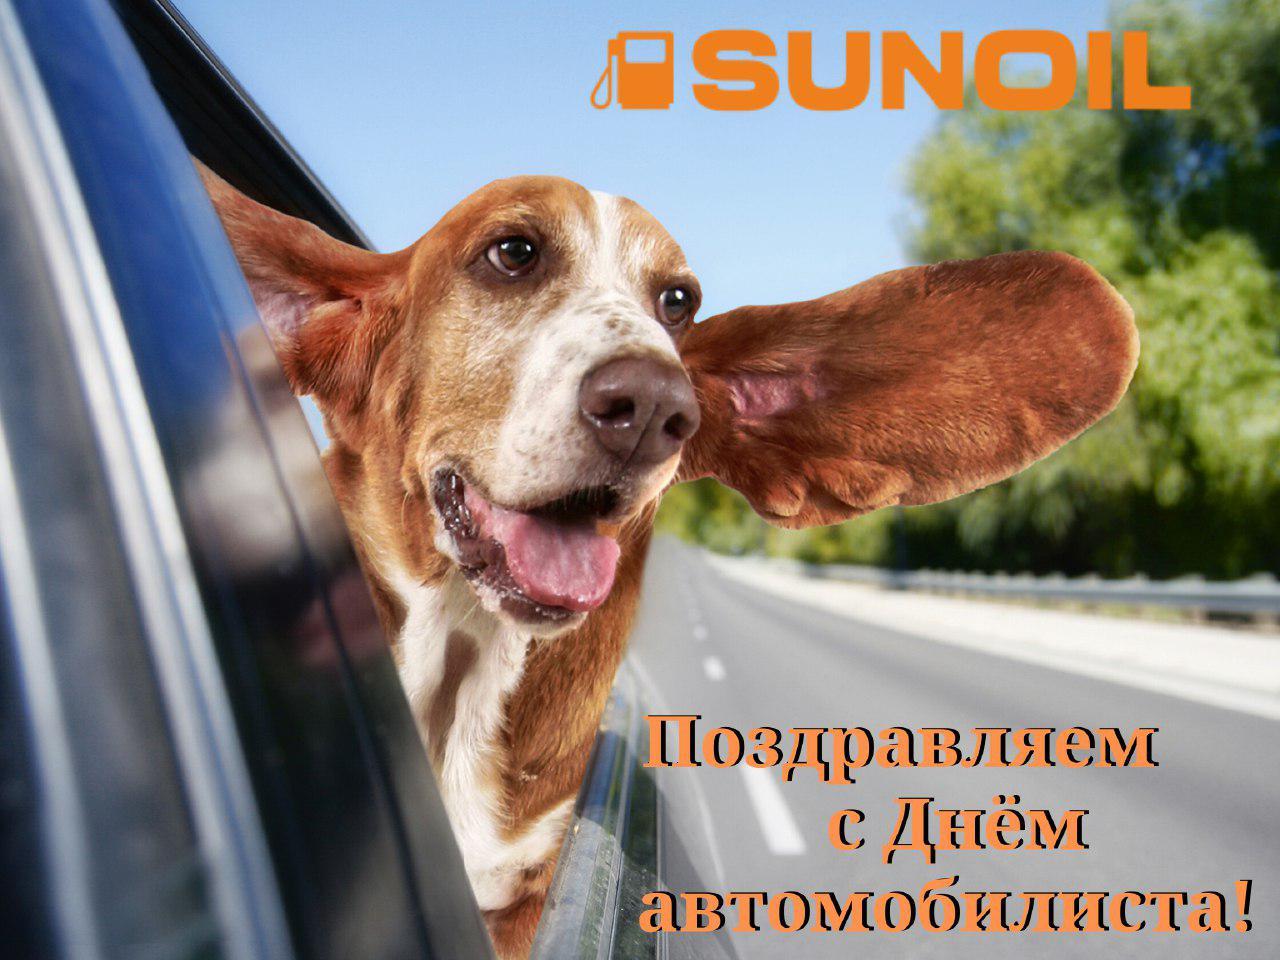 Вітаємо з днем автомобіліста і дорожника!